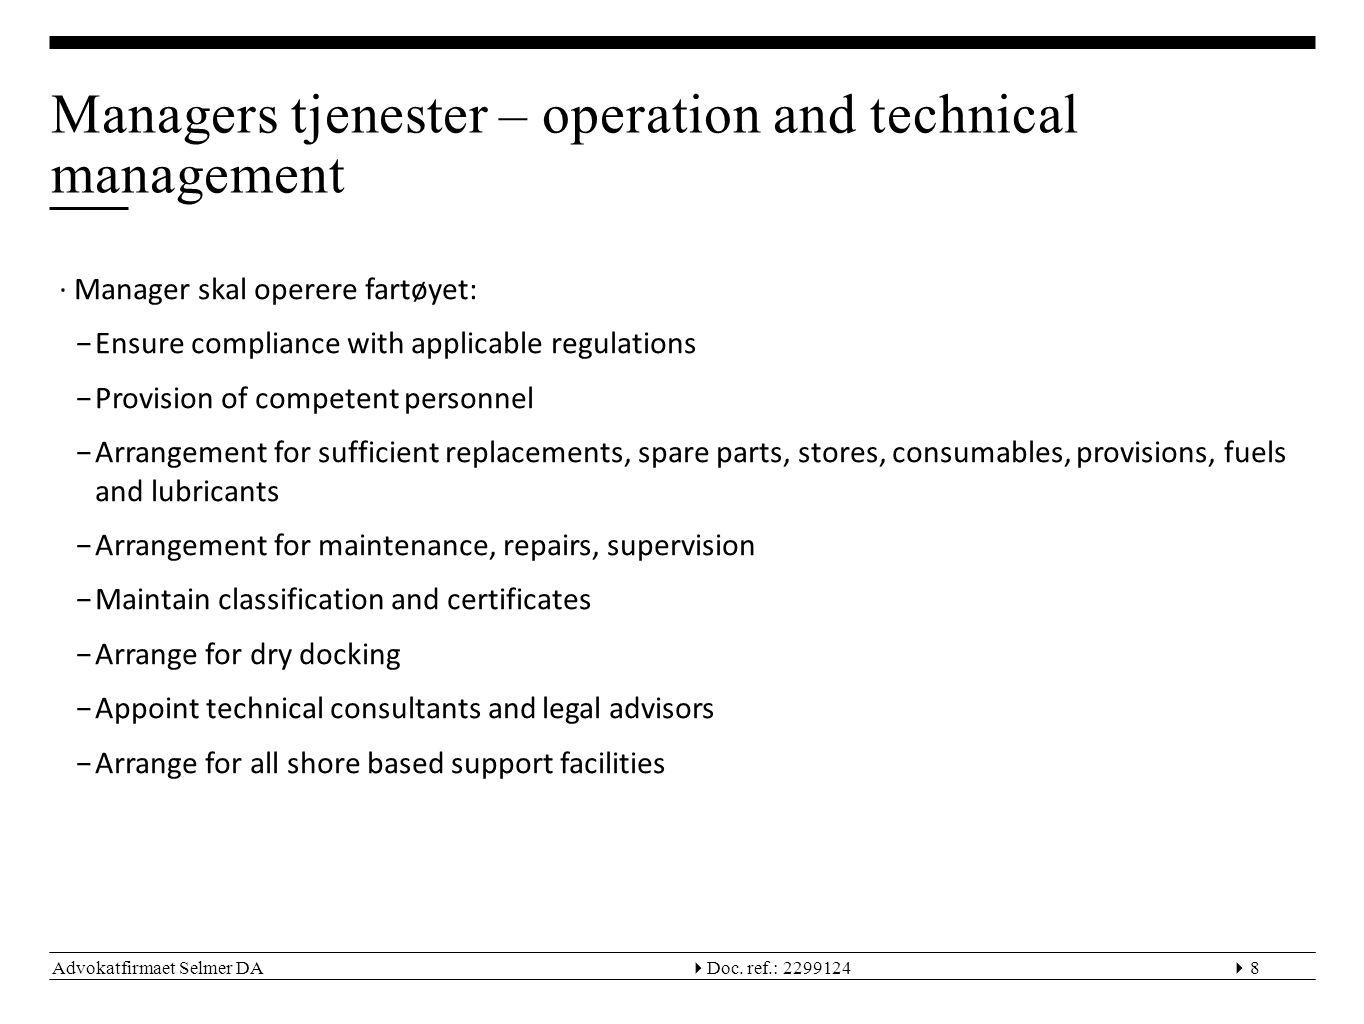 Advokatfirmaet Selmer DA  Doc. ref.: 22991248 Managers tjenester – operation and technical management ∙Manager skal operere fartøyet: −Ensure compli